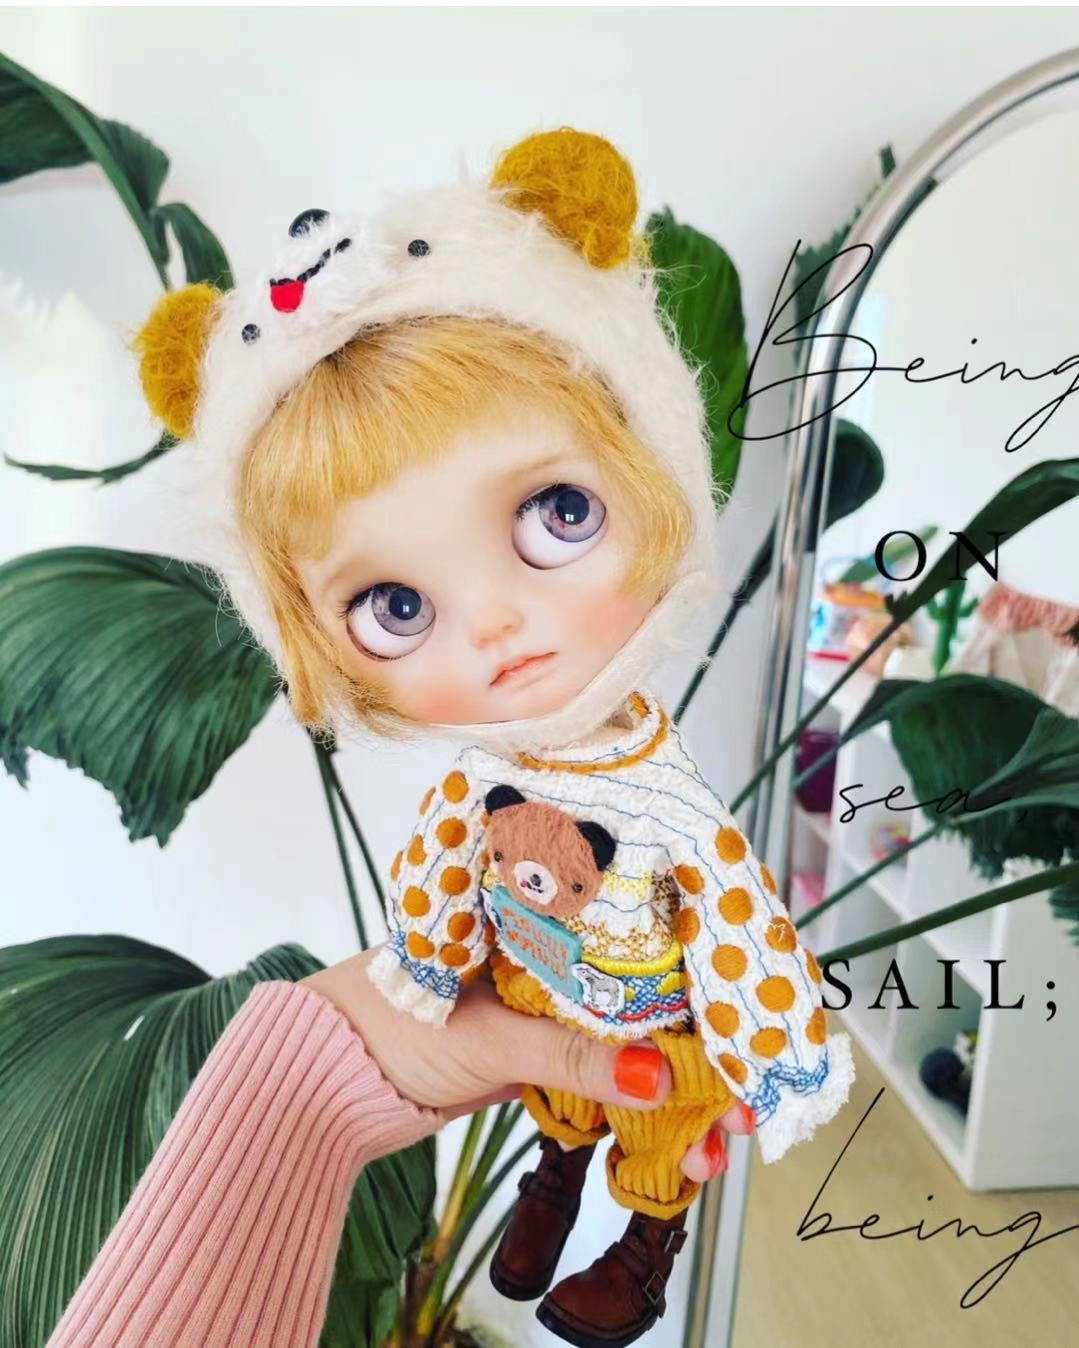 Derniers liens bus ours enfants mis s yu vendre shunfeng pour payer super mignon petits vêtements